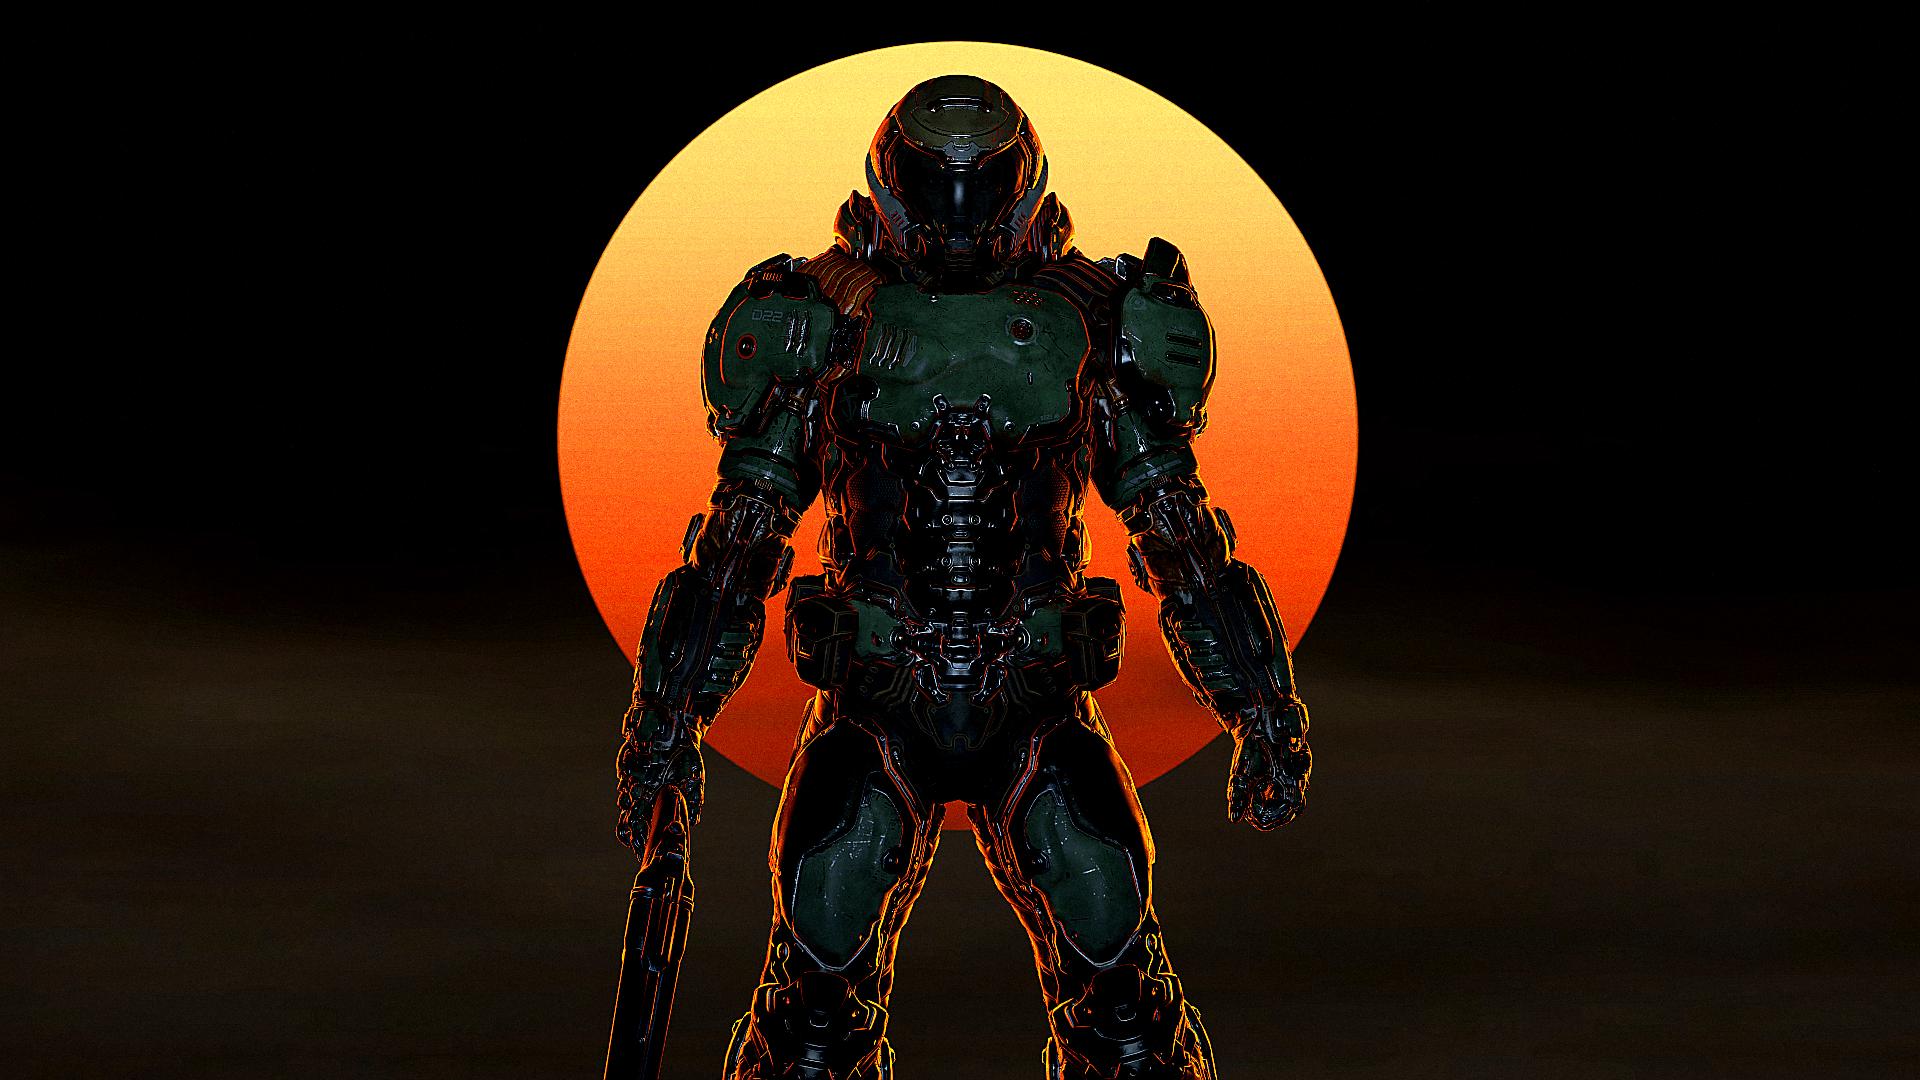 Doom Slayer Wallpapers Top Free Doom Slayer Backgrounds Wallpaperaccess